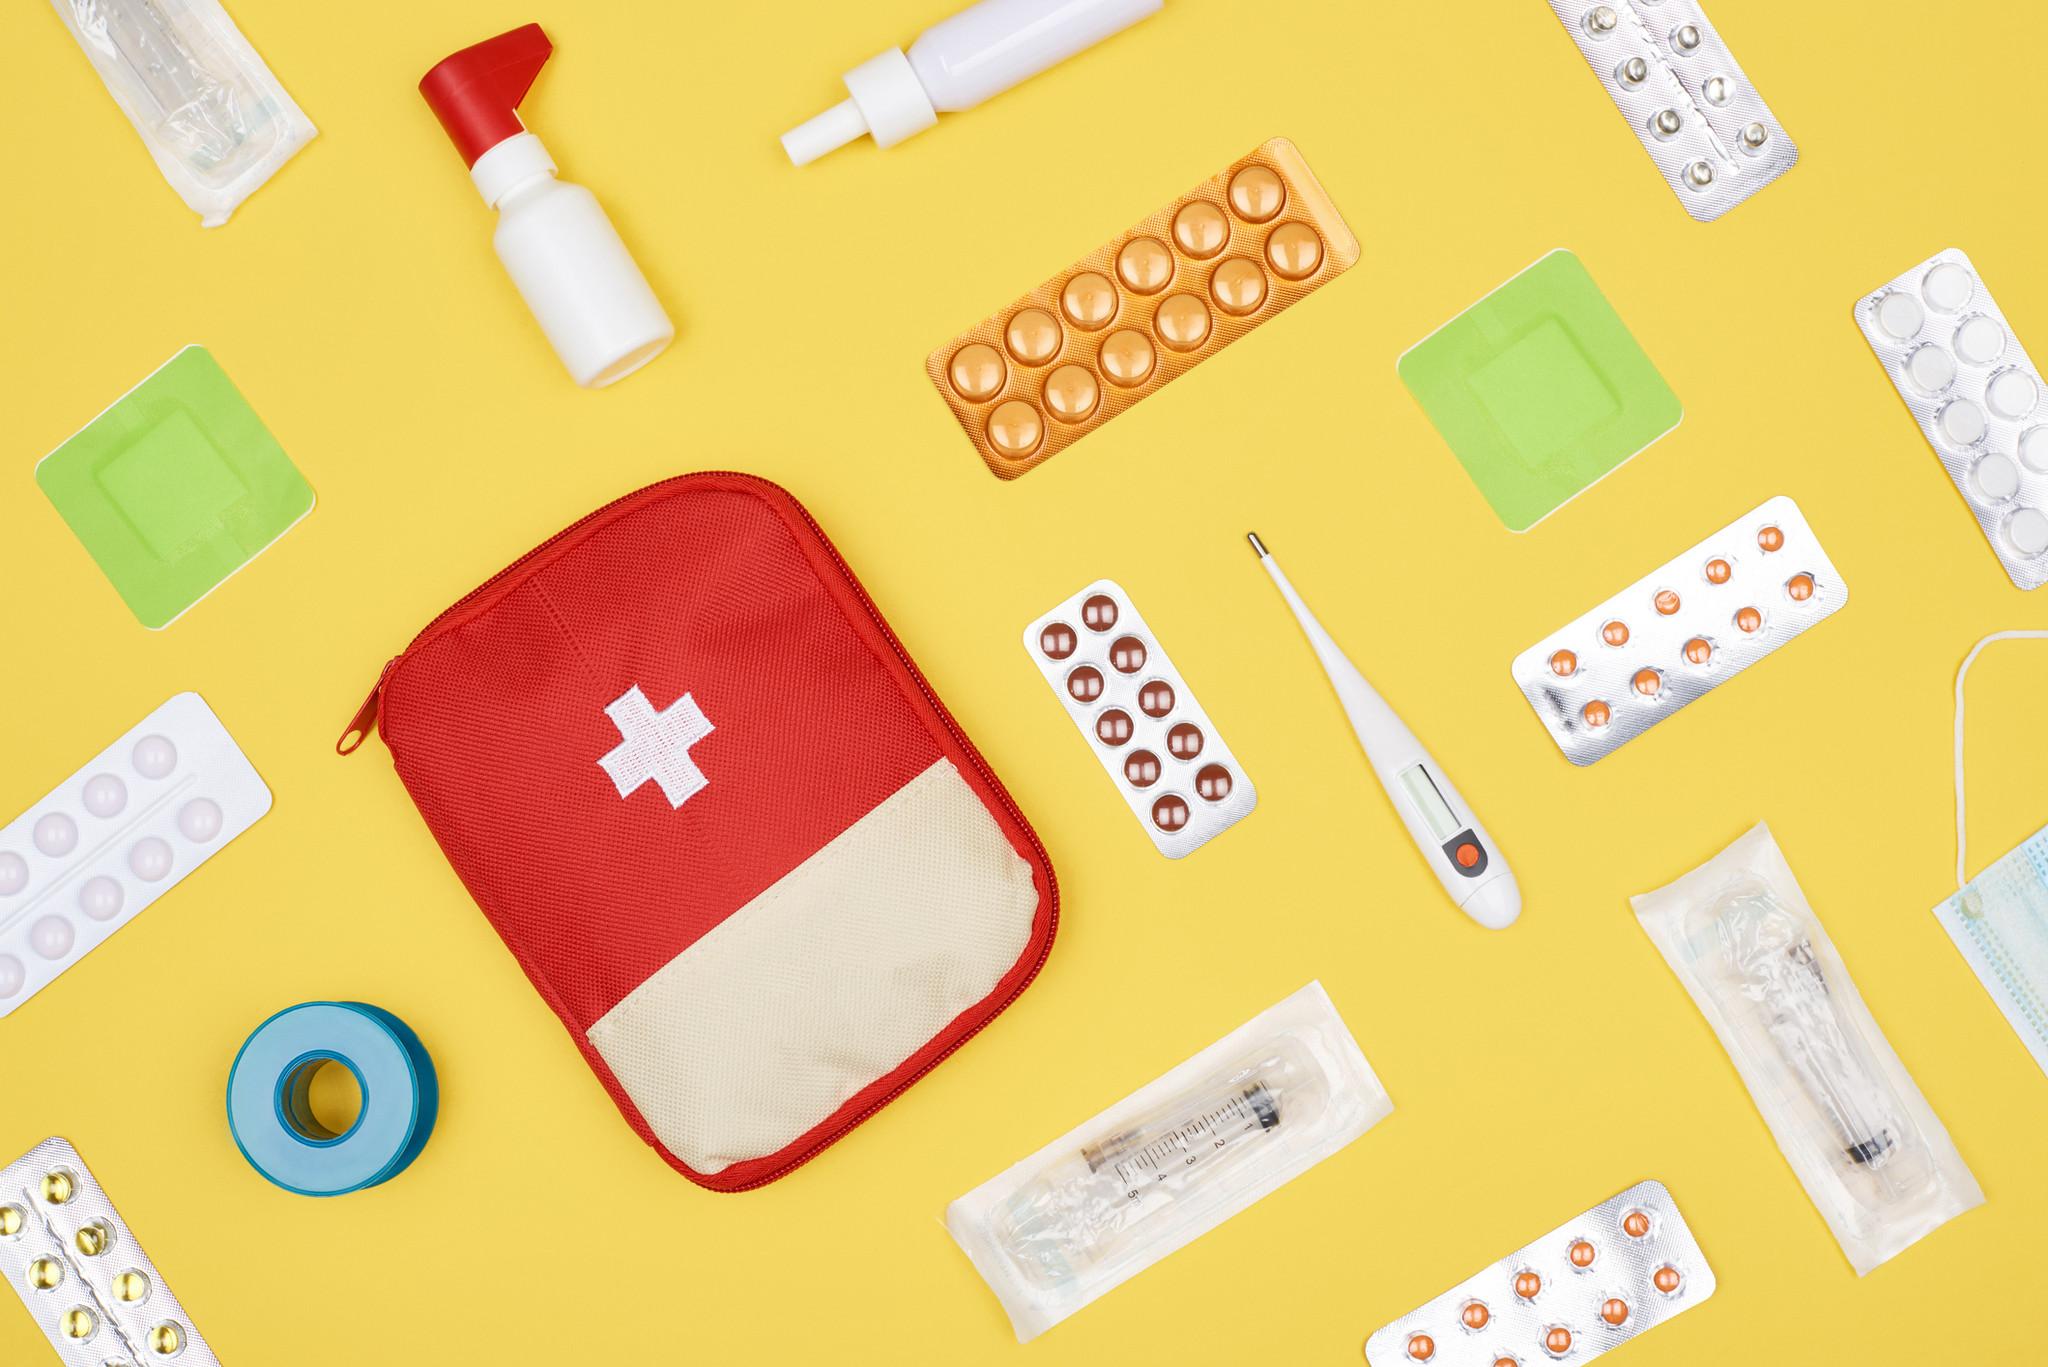 kit médico medical first aid primeiros socorros.jpg